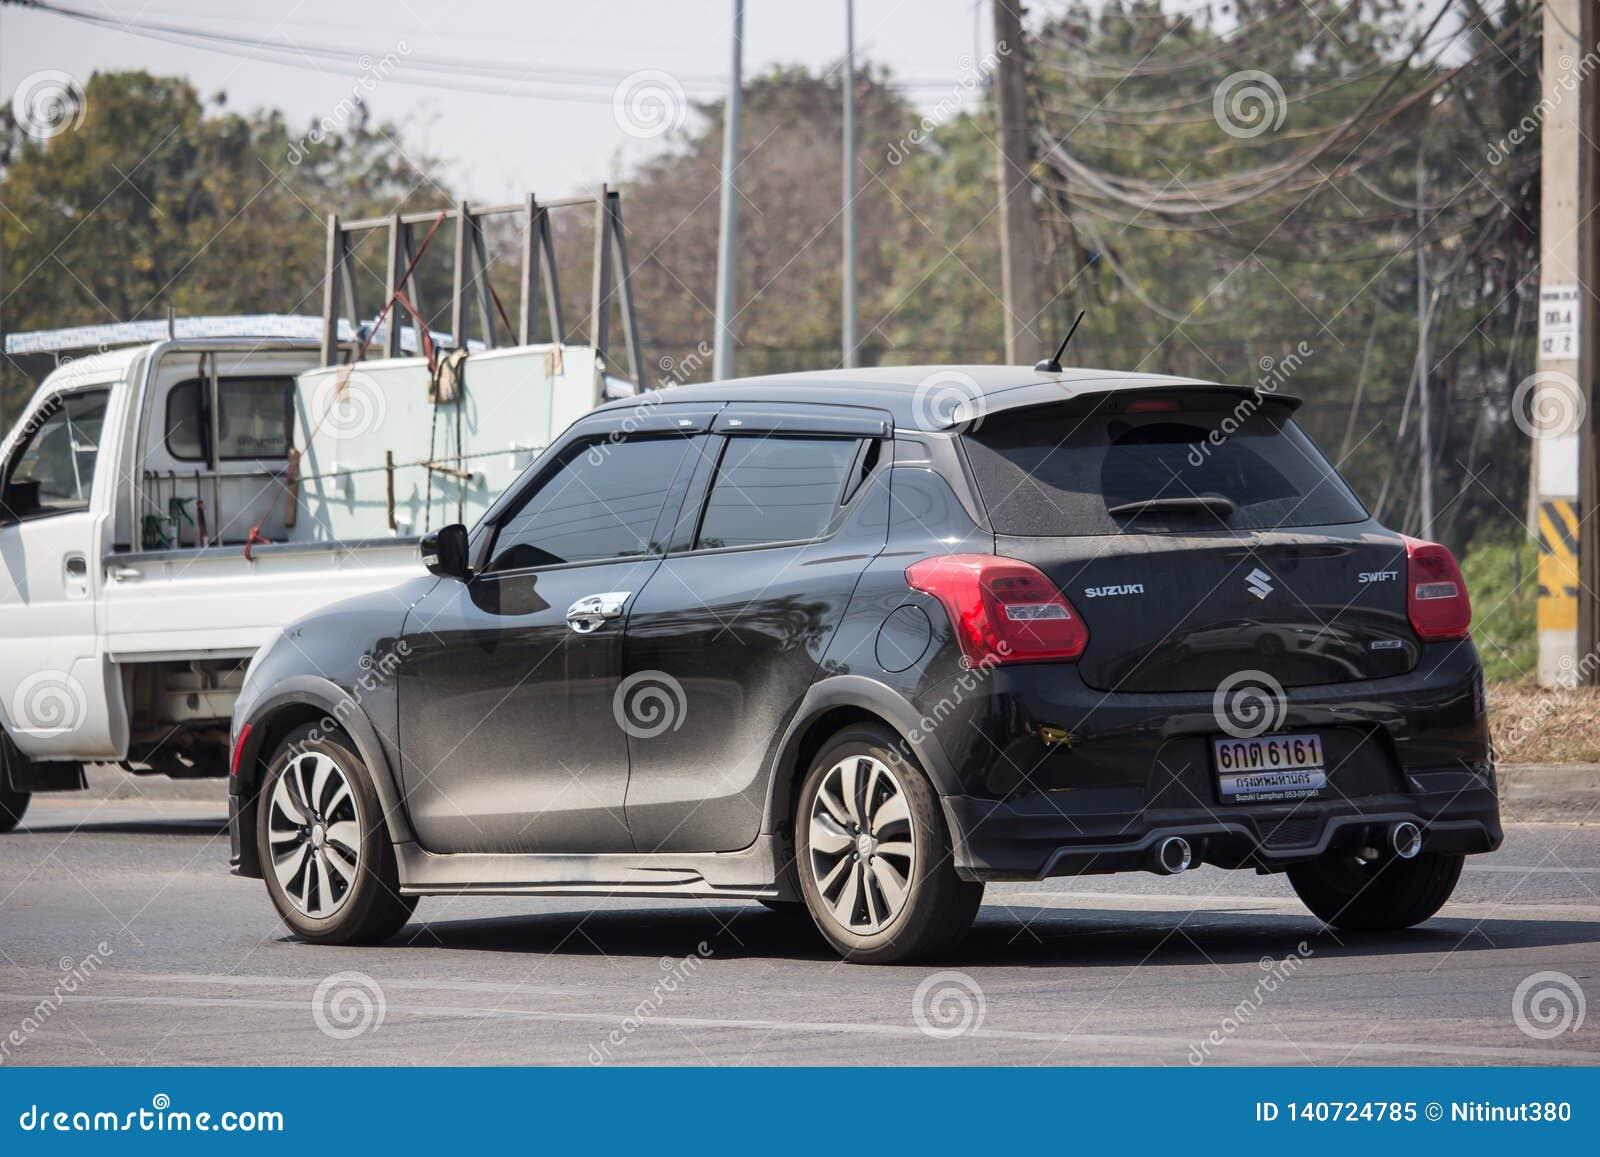 Private Eco City Car New Suzuki Swift Editorial Image ...